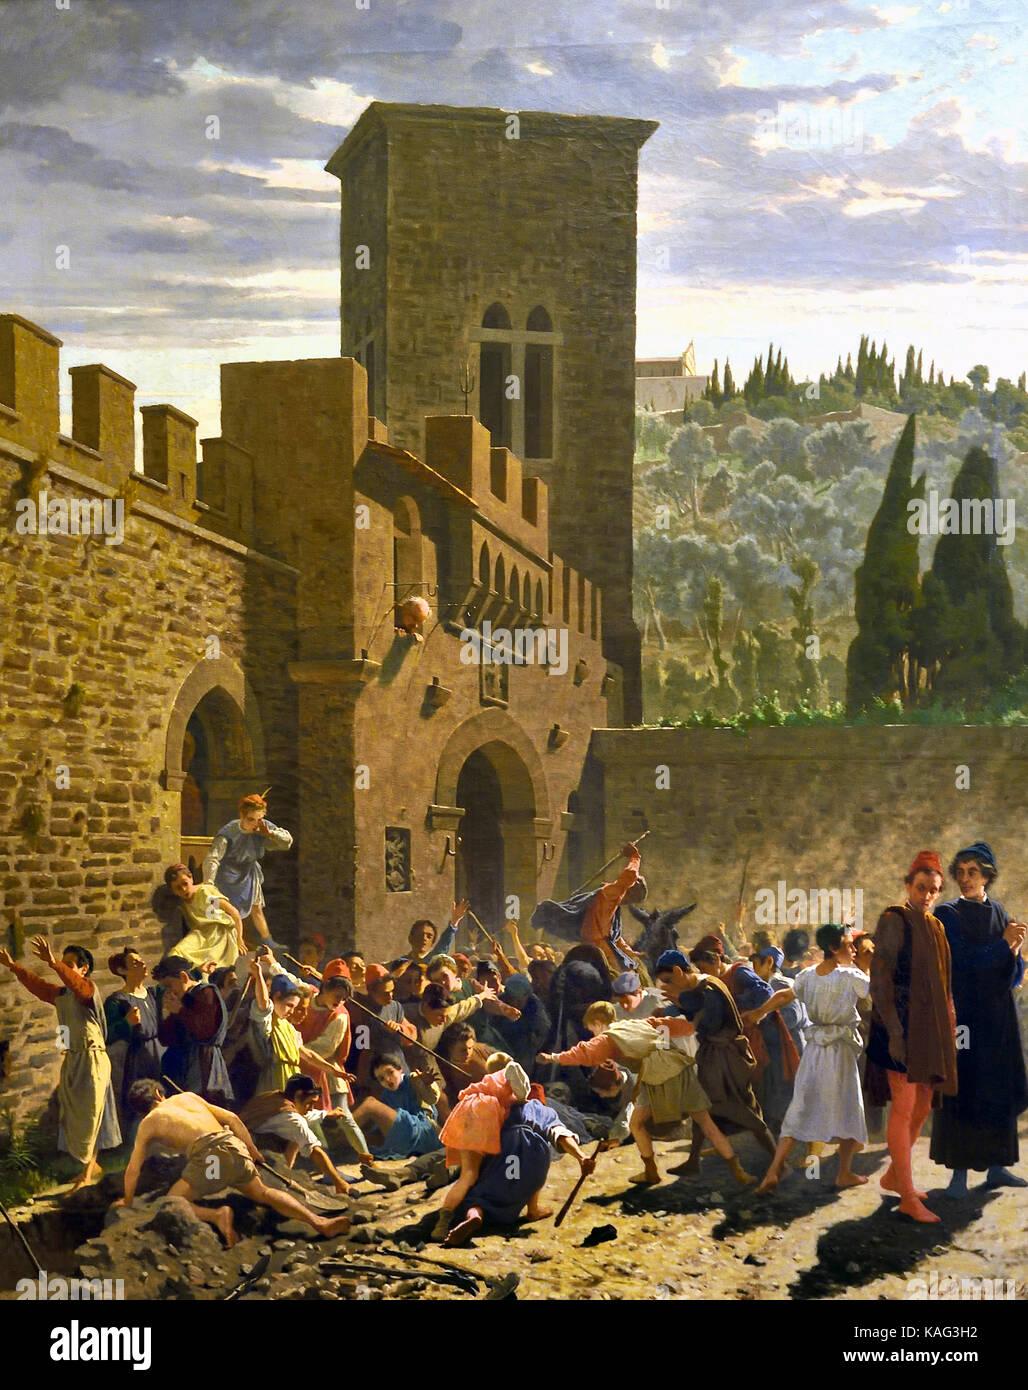 Ritrovamento del cadavere di Jacopo de Pazzi (Medioevo) - Alla scoperta del cadavere di Jacopo de Pazzi (Medioevo) Immagini Stock